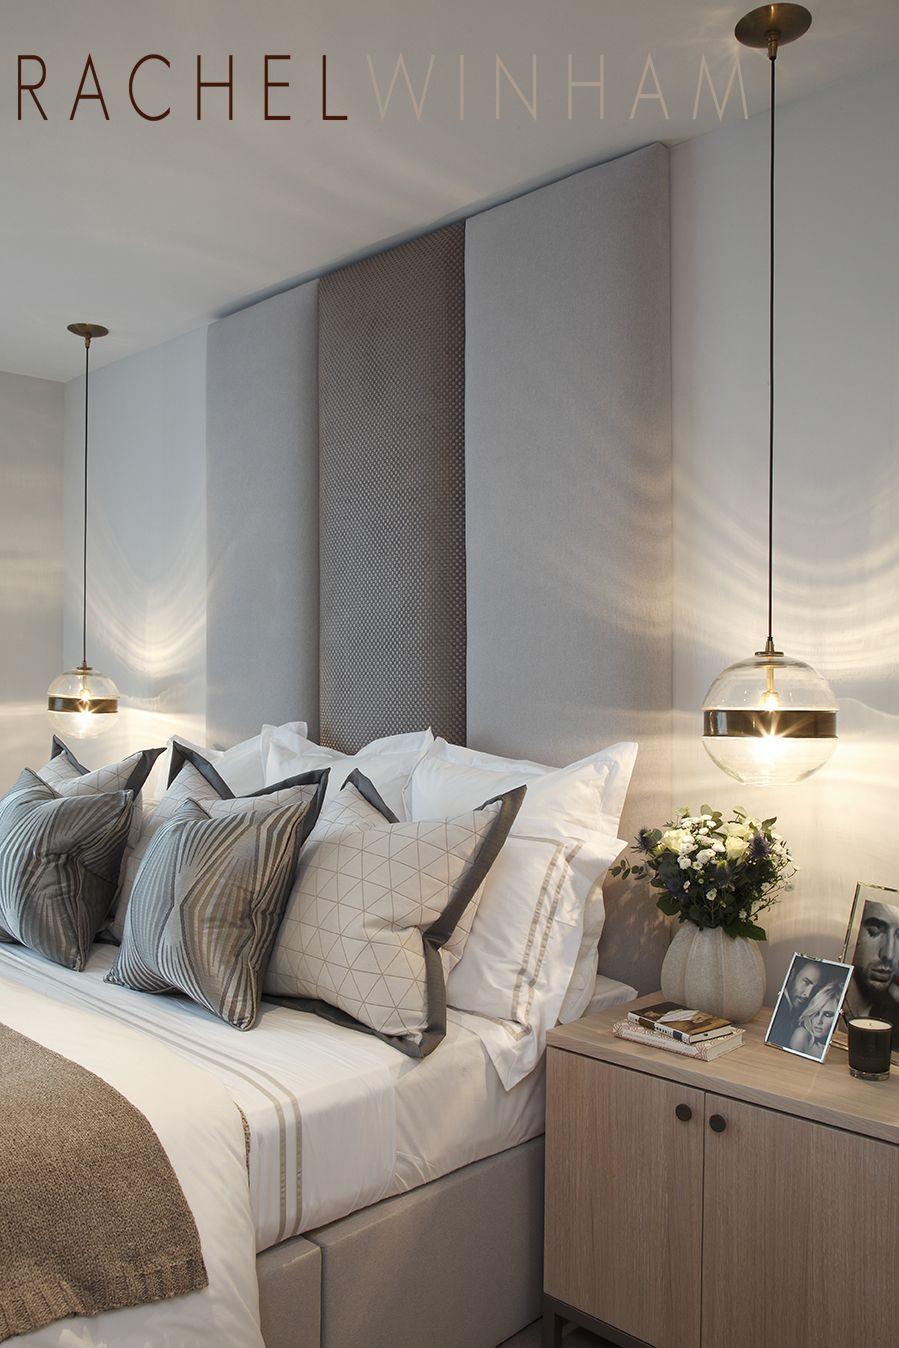 Pin de rieppe en 寝室 | Pinterest | Dormitorio, Recamara y ...